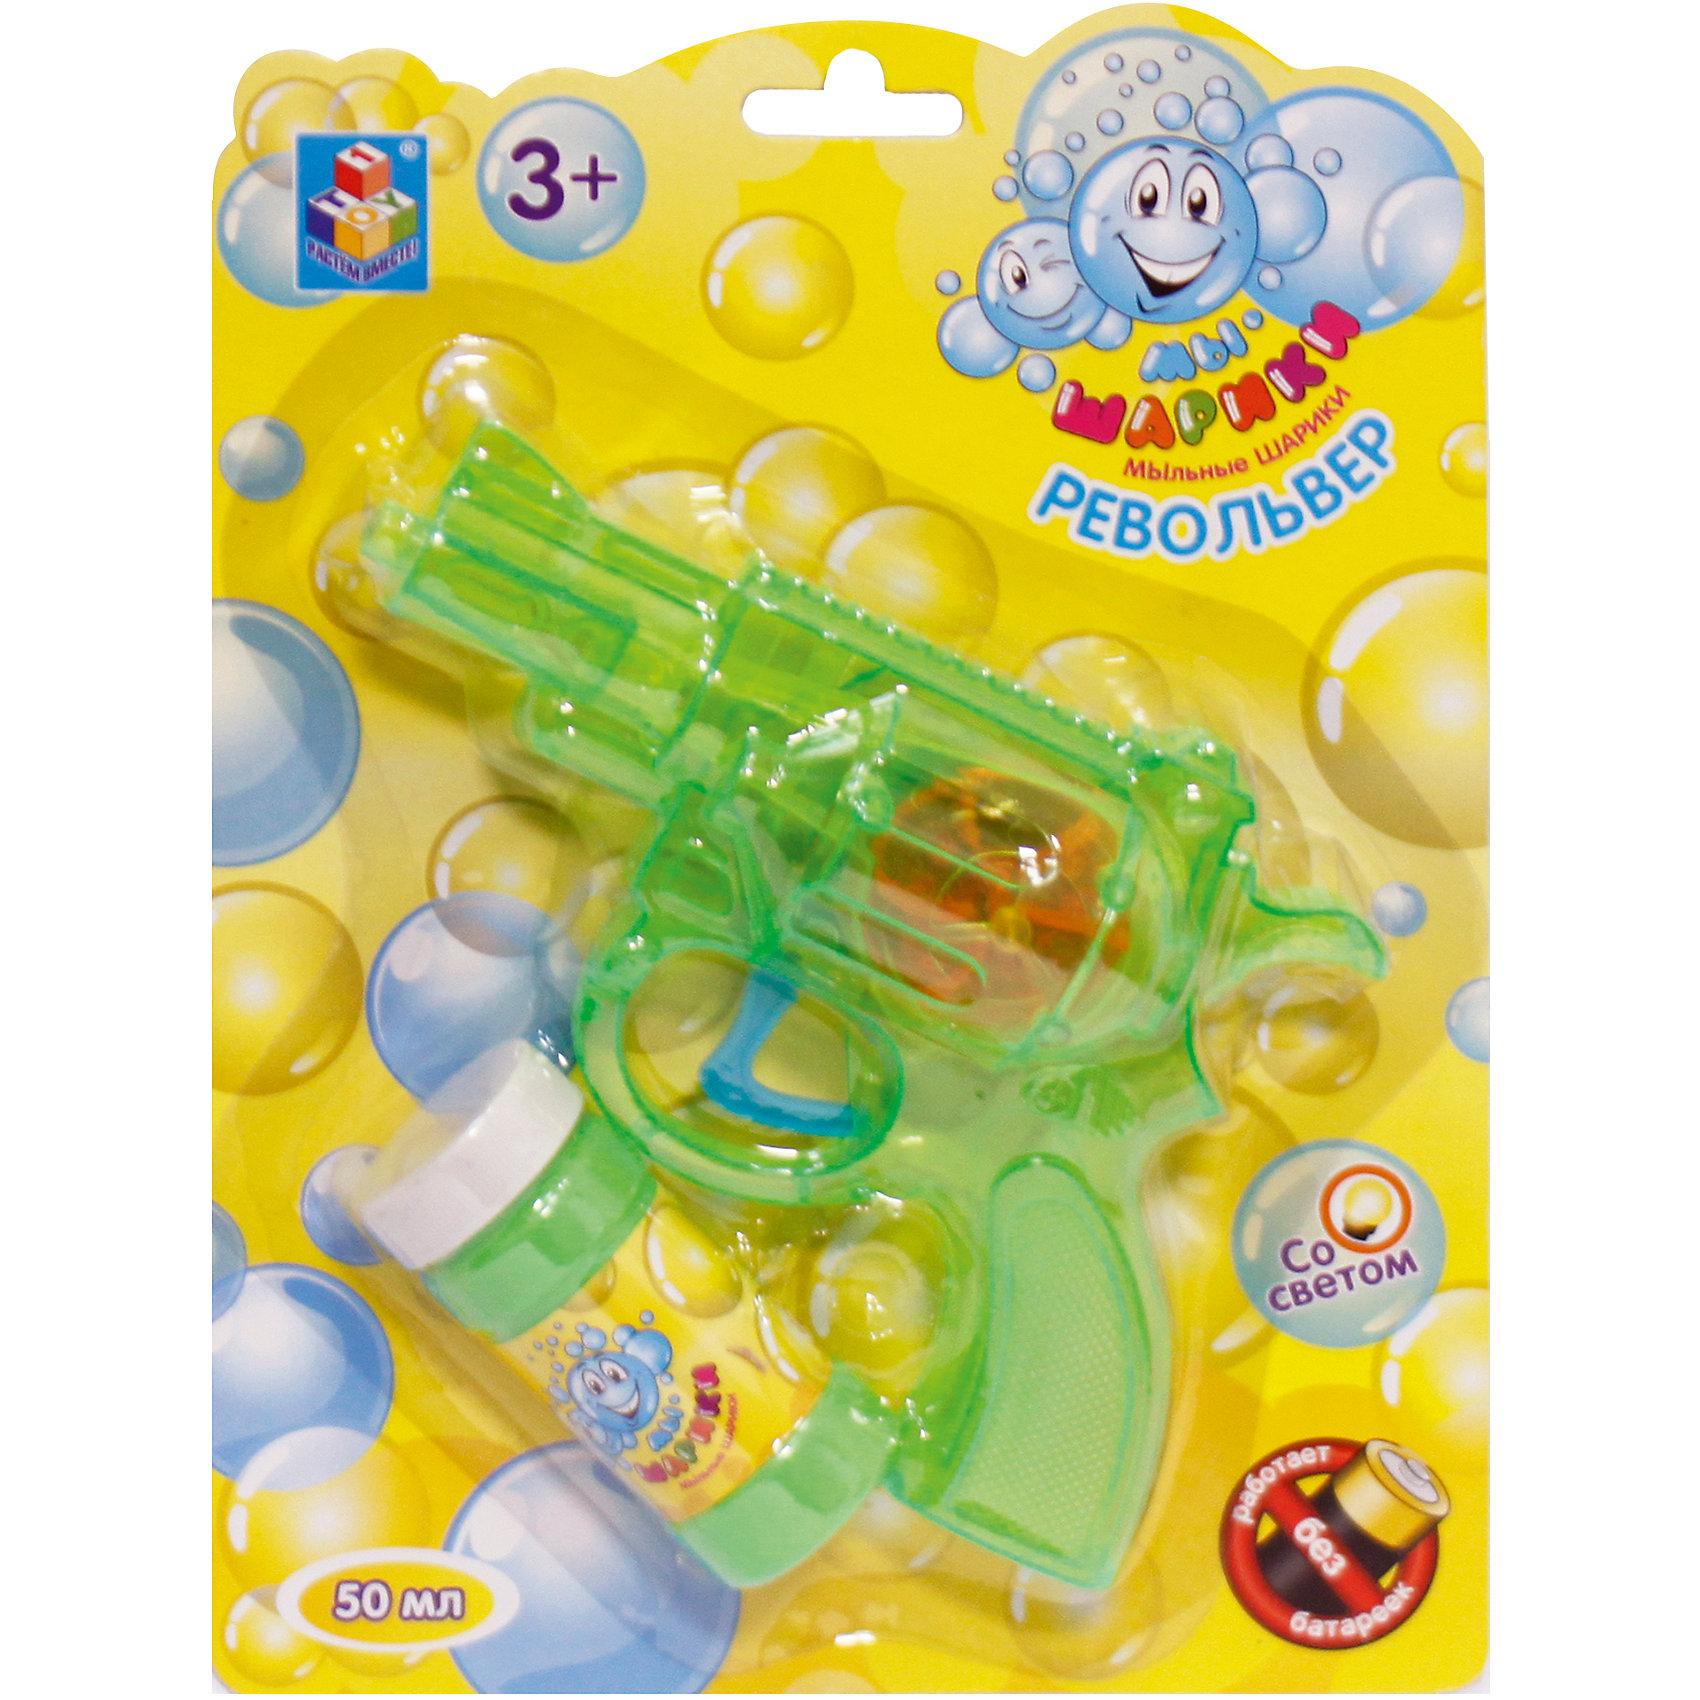 Мыльные пузыри Мы-шарики! Револьвер, со светом, бутылочка 50 мл, синий, зелёный, 1ToyМыльные пузыри<br>1toy Мы-шарики! Мыл. пуз. пист. механич.- револьвер, со светом, работает без батареек, бут.50 мл, синий, зелёный, блистер<br><br>Ширина мм: 190<br>Глубина мм: 50<br>Высота мм: 190<br>Вес г: 186<br>Возраст от месяцев: 36<br>Возраст до месяцев: 192<br>Пол: Унисекс<br>Возраст: Детский<br>SKU: 5519375